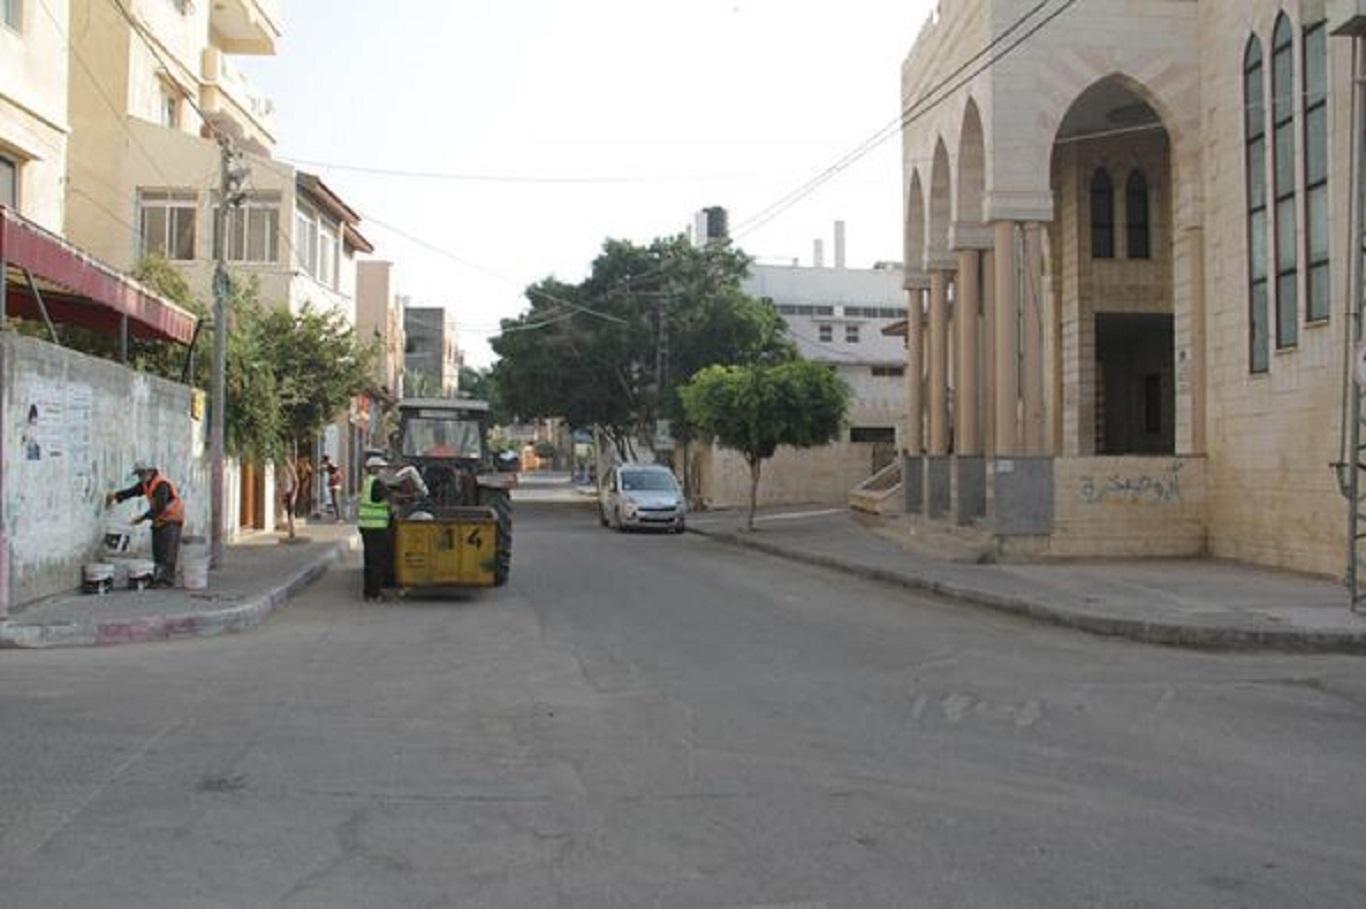 بلدية دير البلح: مستمرون في تقديم خدماتنا الأساسية رغم شح الموارد والإمكانيات